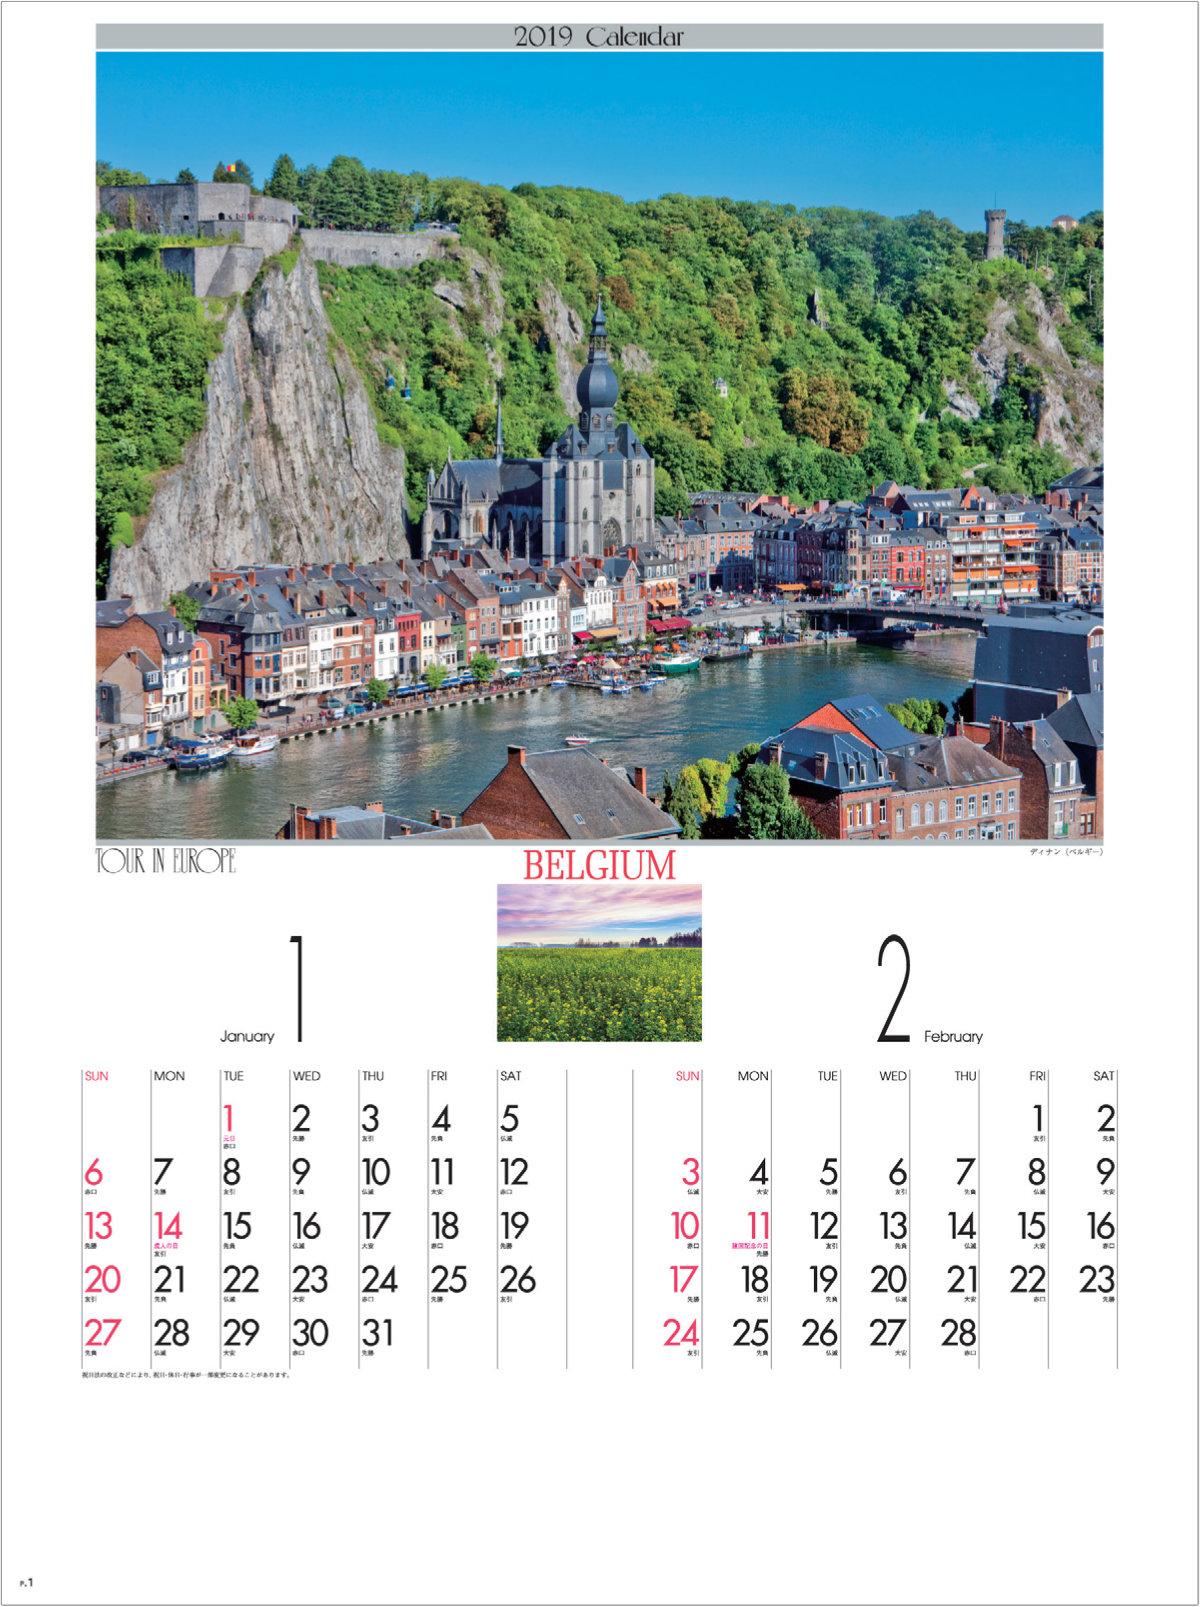 画像:ディナン 断崖の城砦 (ベルギー) ヨーロッパの旅 2019年カレンダー